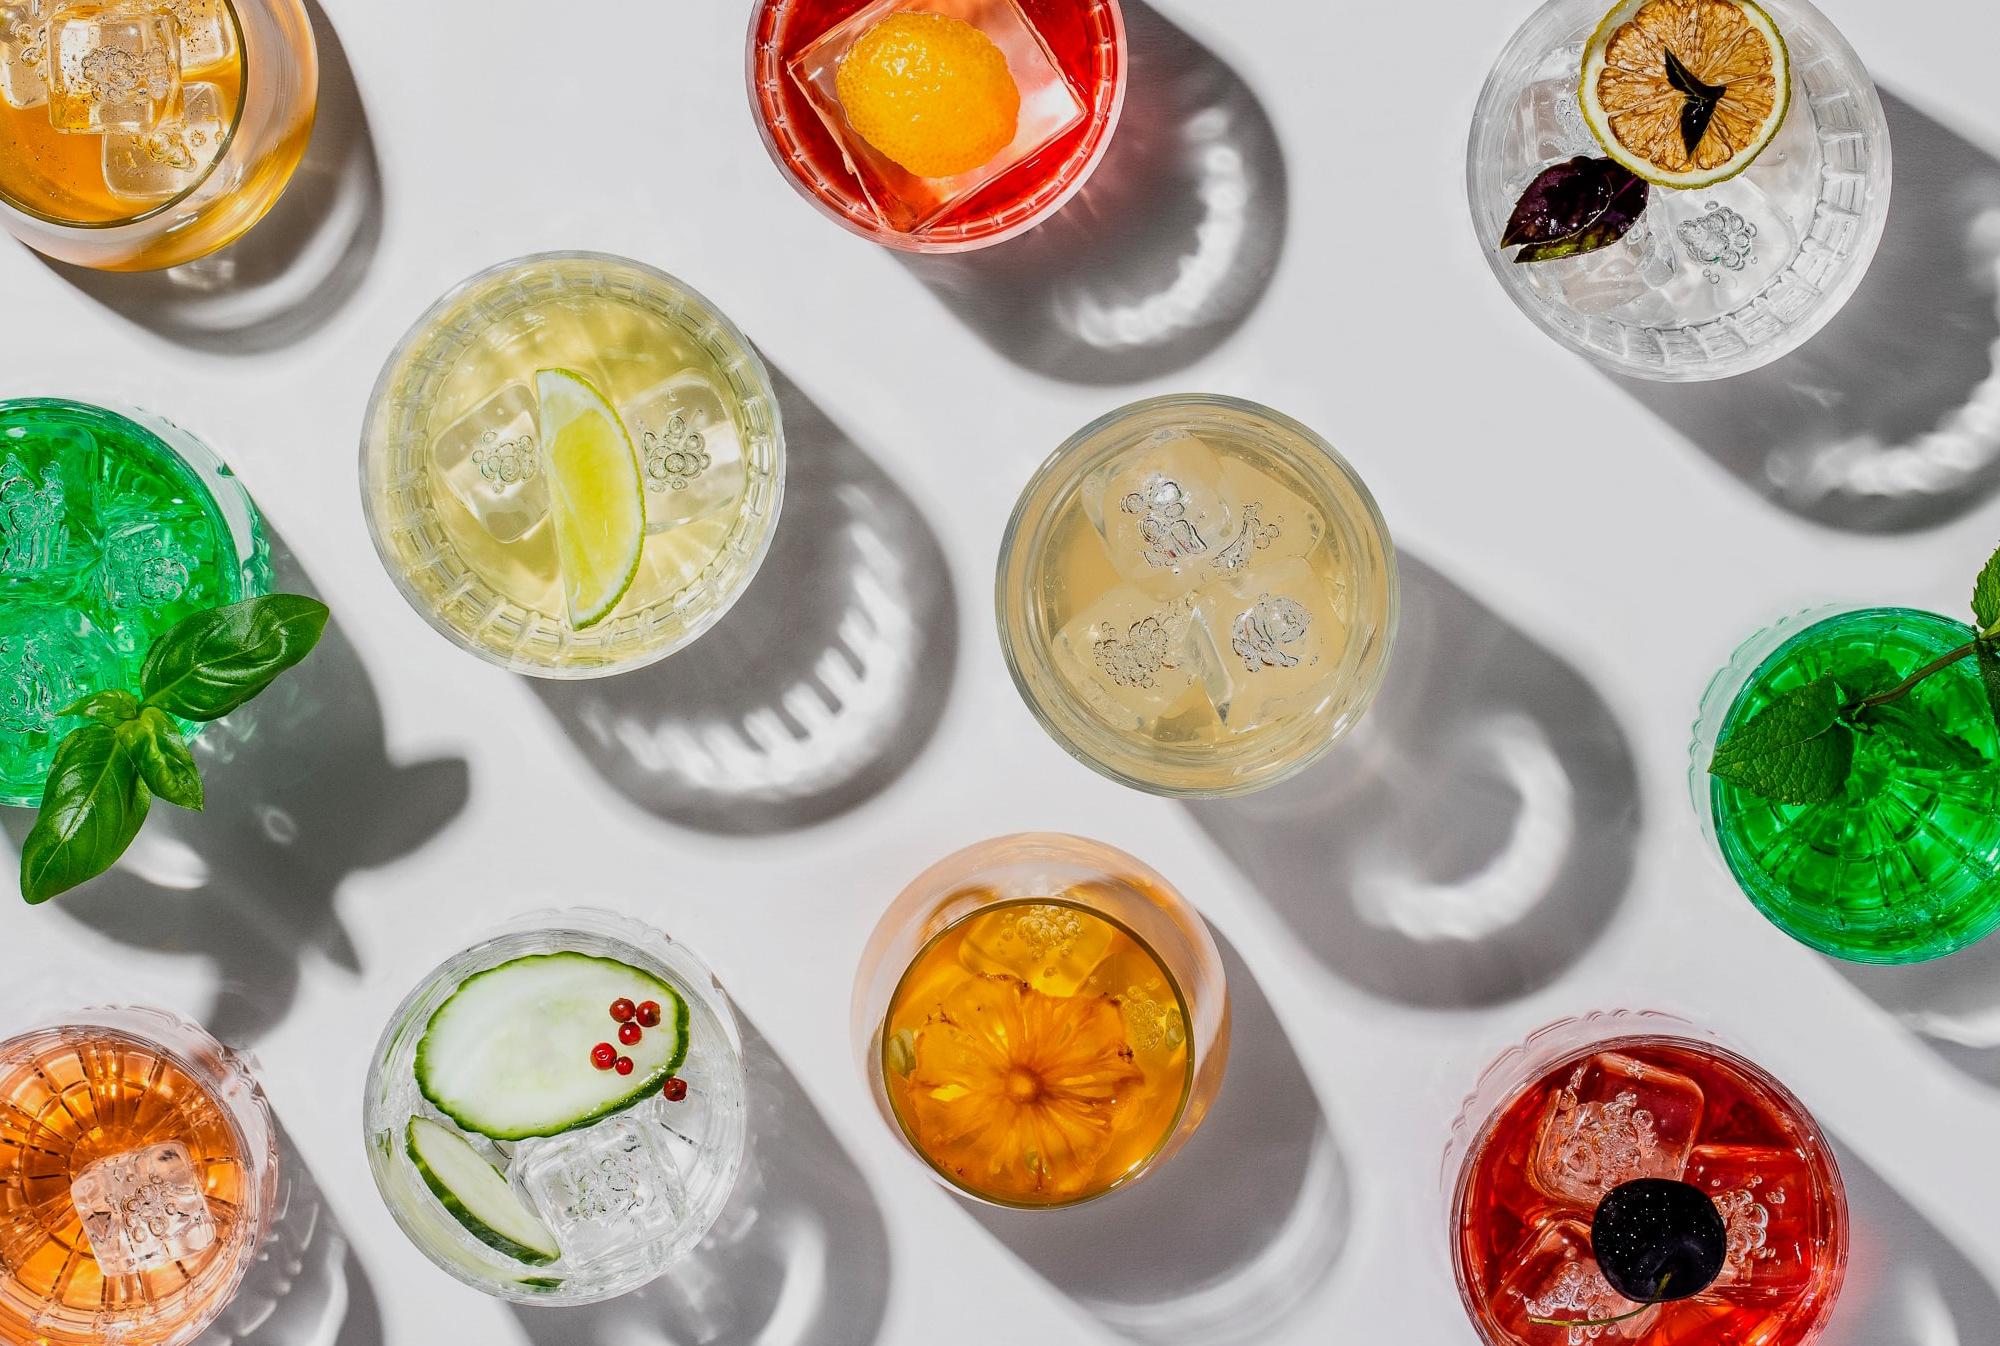 Photo cocktail Egiazki